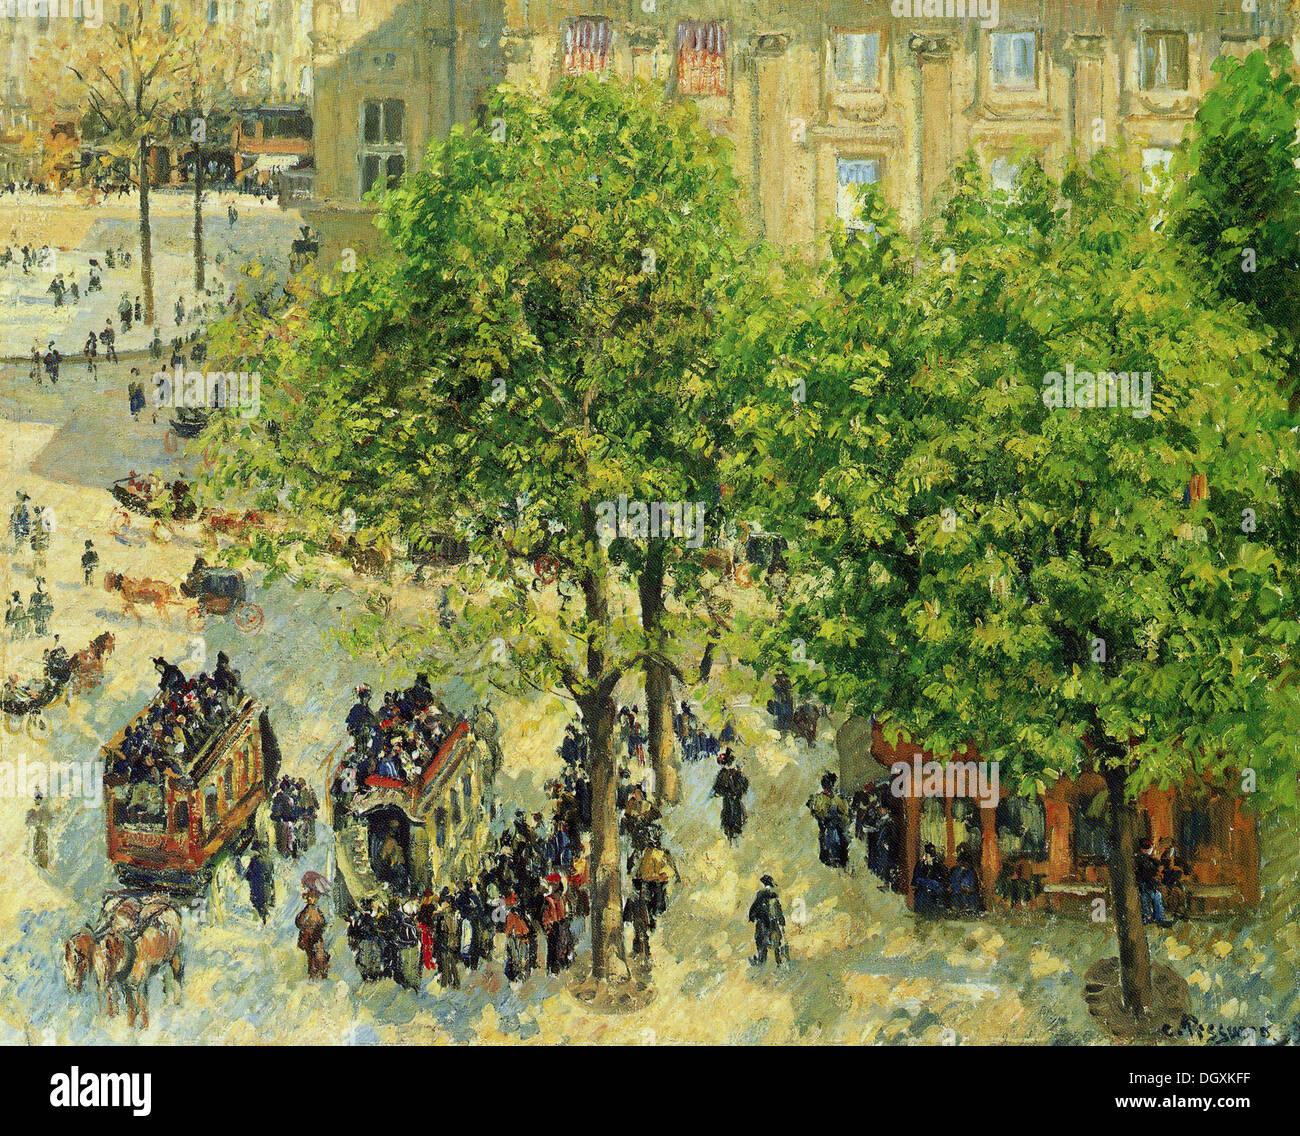 Place du Theatre Français - von Camille Pissarro, 1898 Stockbild